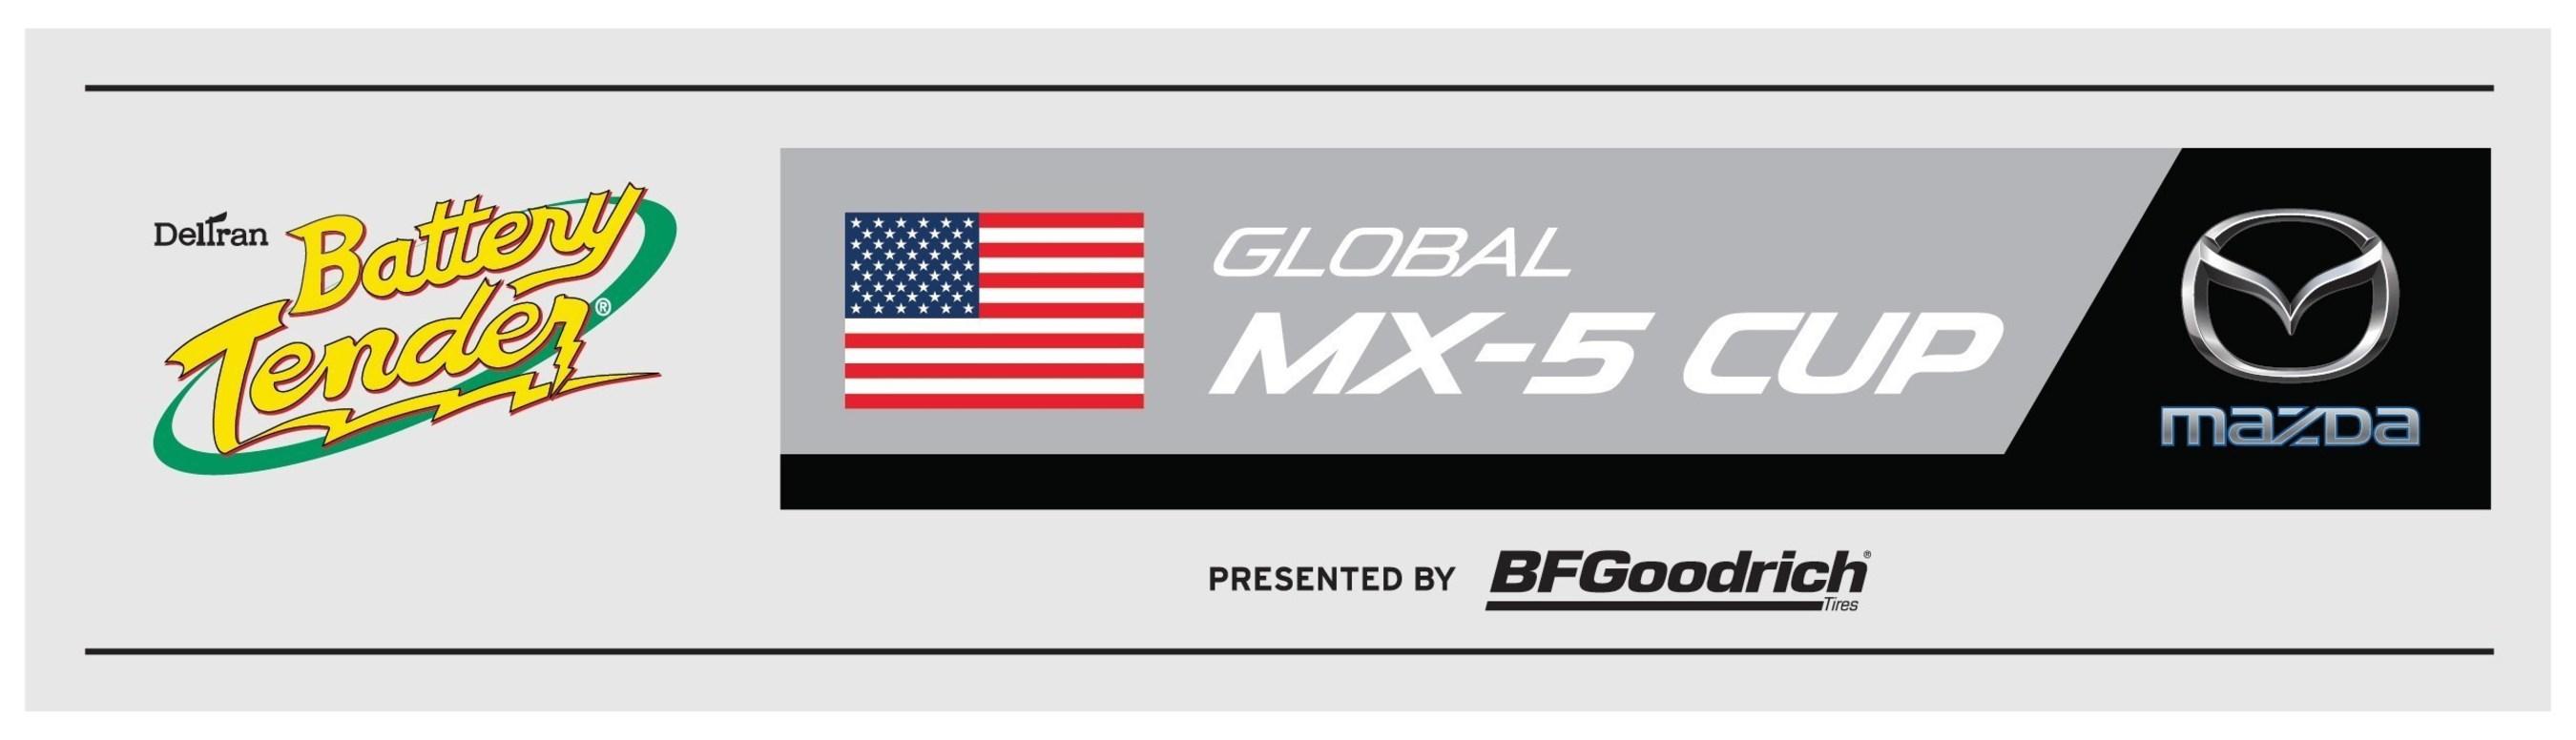 Mazda MX-5 Cup:  The Global Era Begins At Mazda Raceway